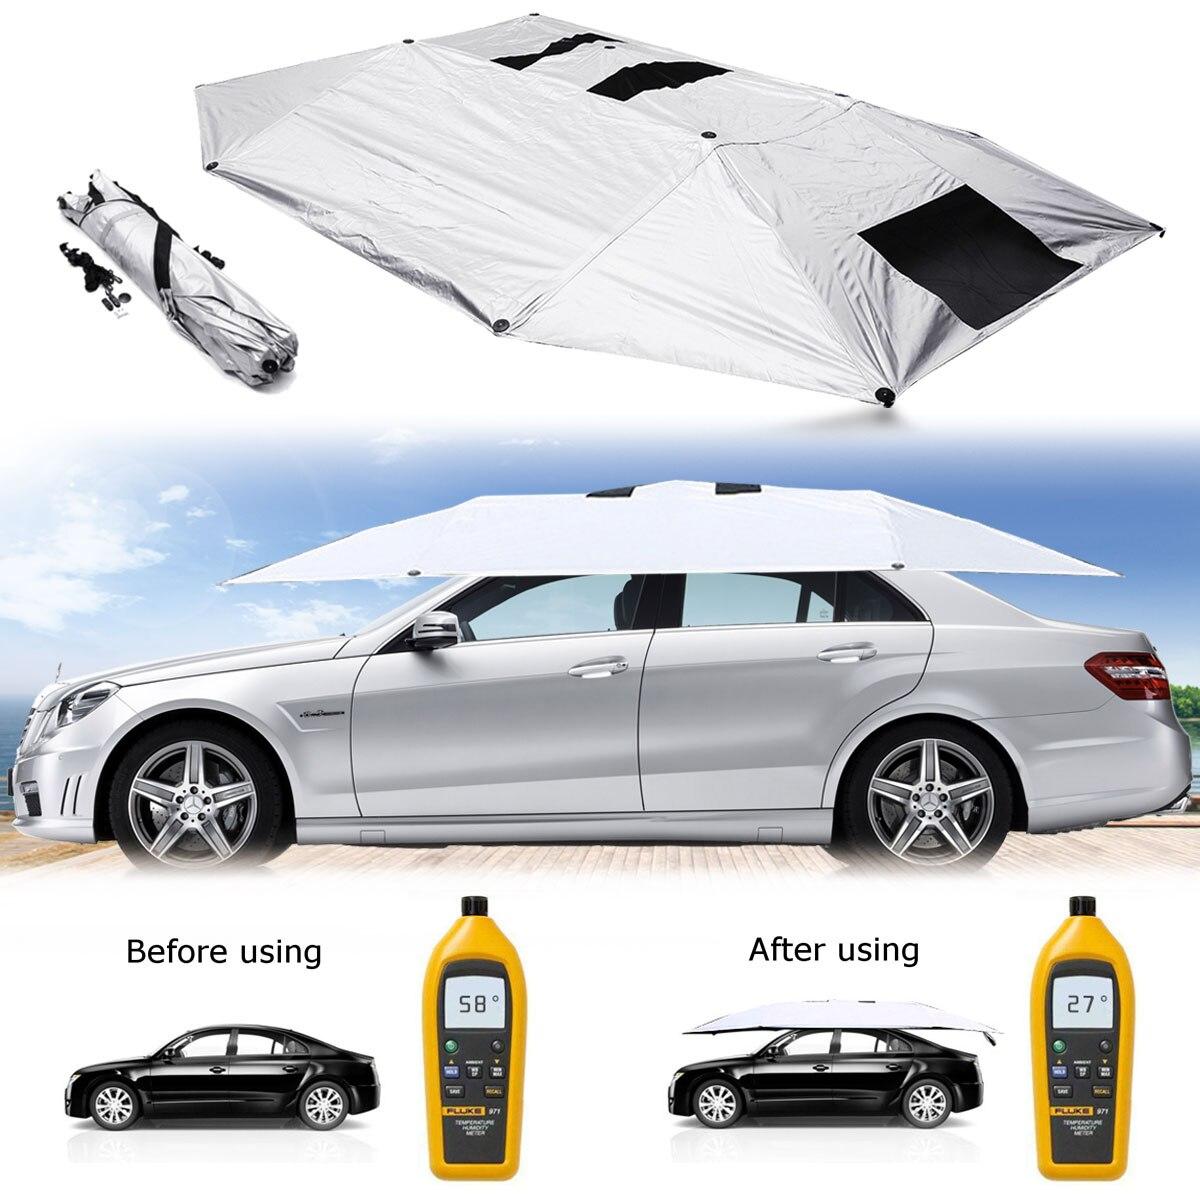 Removível portátil Ao Ar Livre Barraca de Guarda-chuva Do Telhado Do Carro Acessórios Do Carro Tampa Do Carro Proteção UV Sun Sombra Sombrinha Folha de Proteção Solar